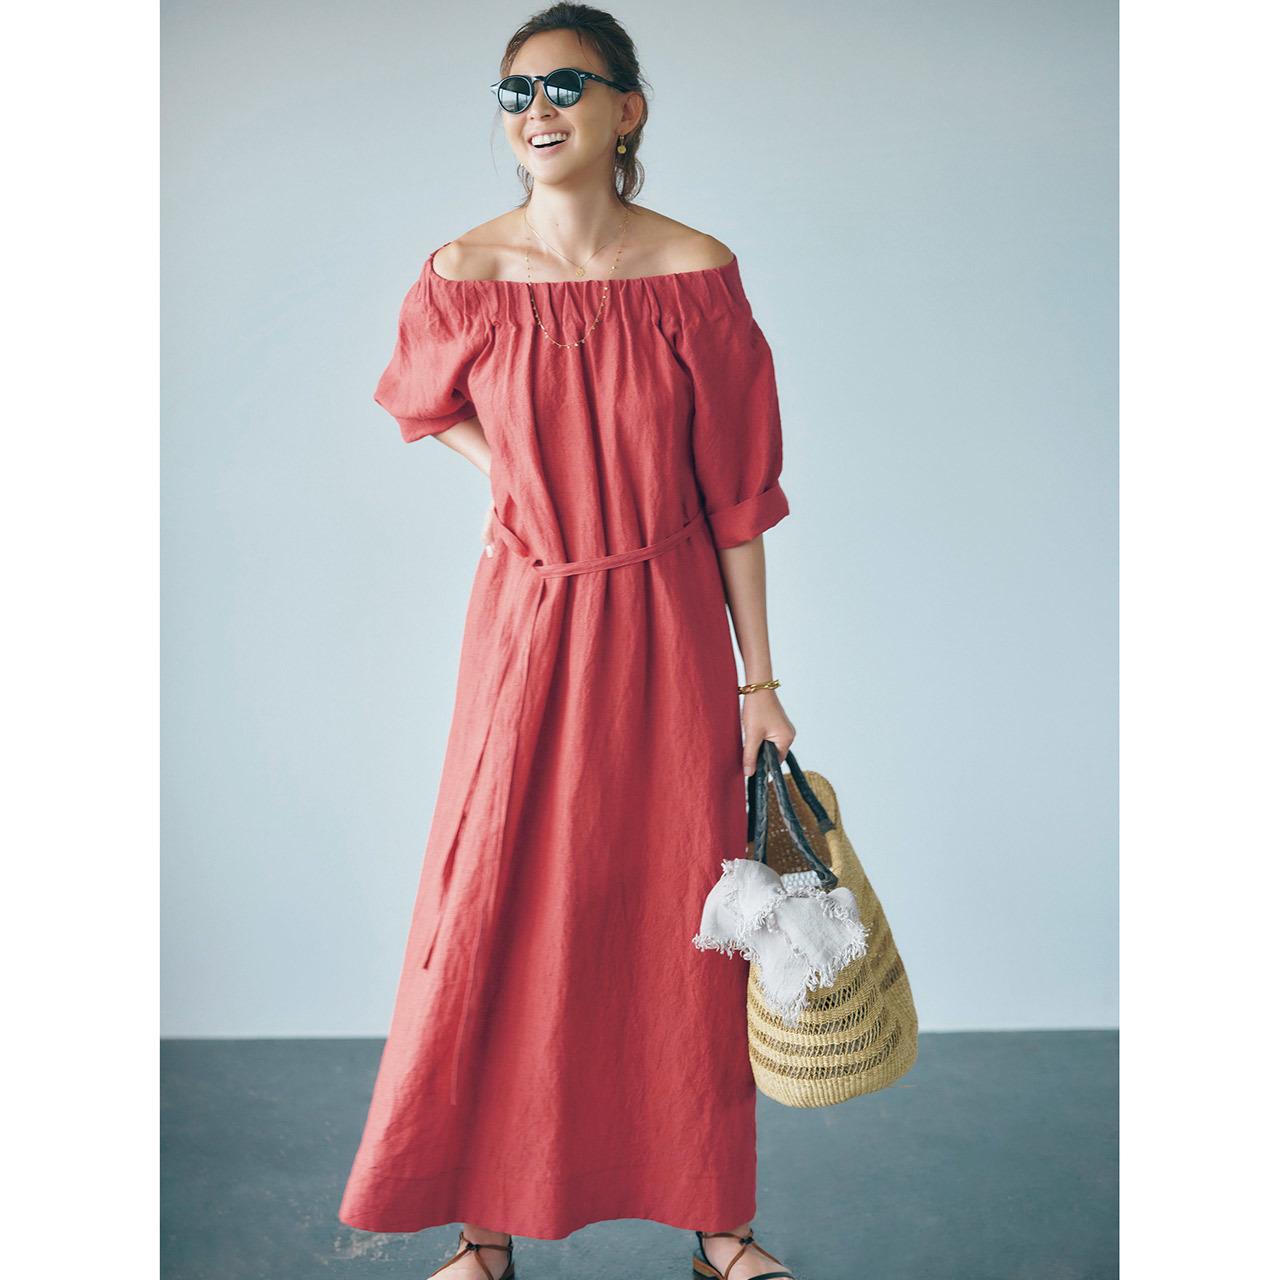 ブリックレッドのドレス×サンダルコーデ